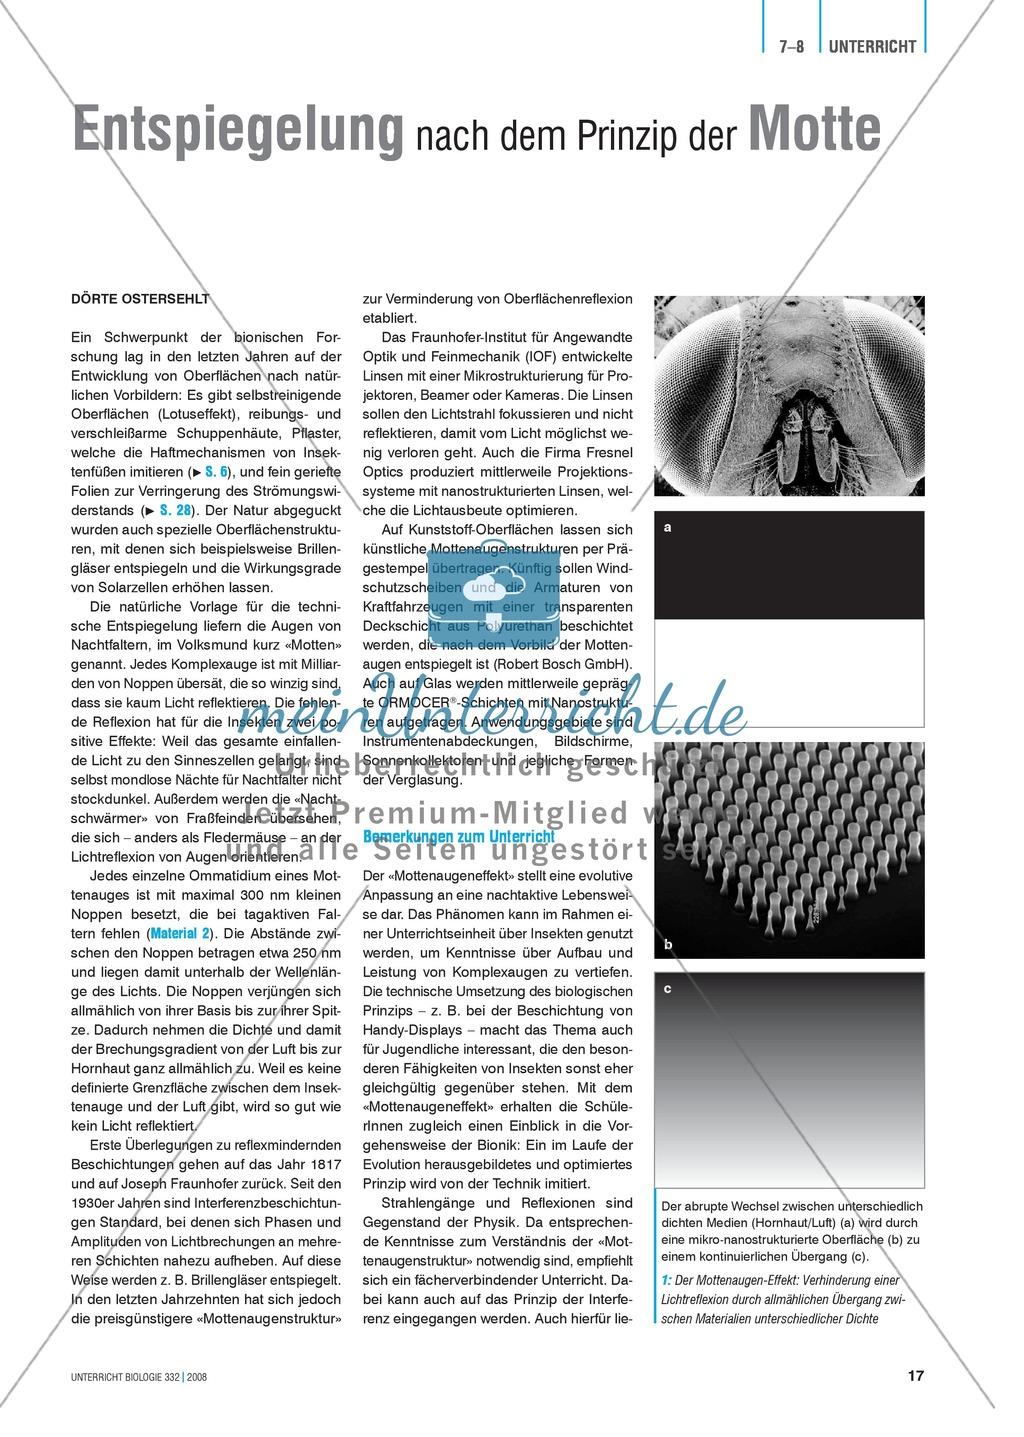 Bionik: Entspiegelung nach dem Prinzip der Motte - Info-Text und Aufgaben Preview 0